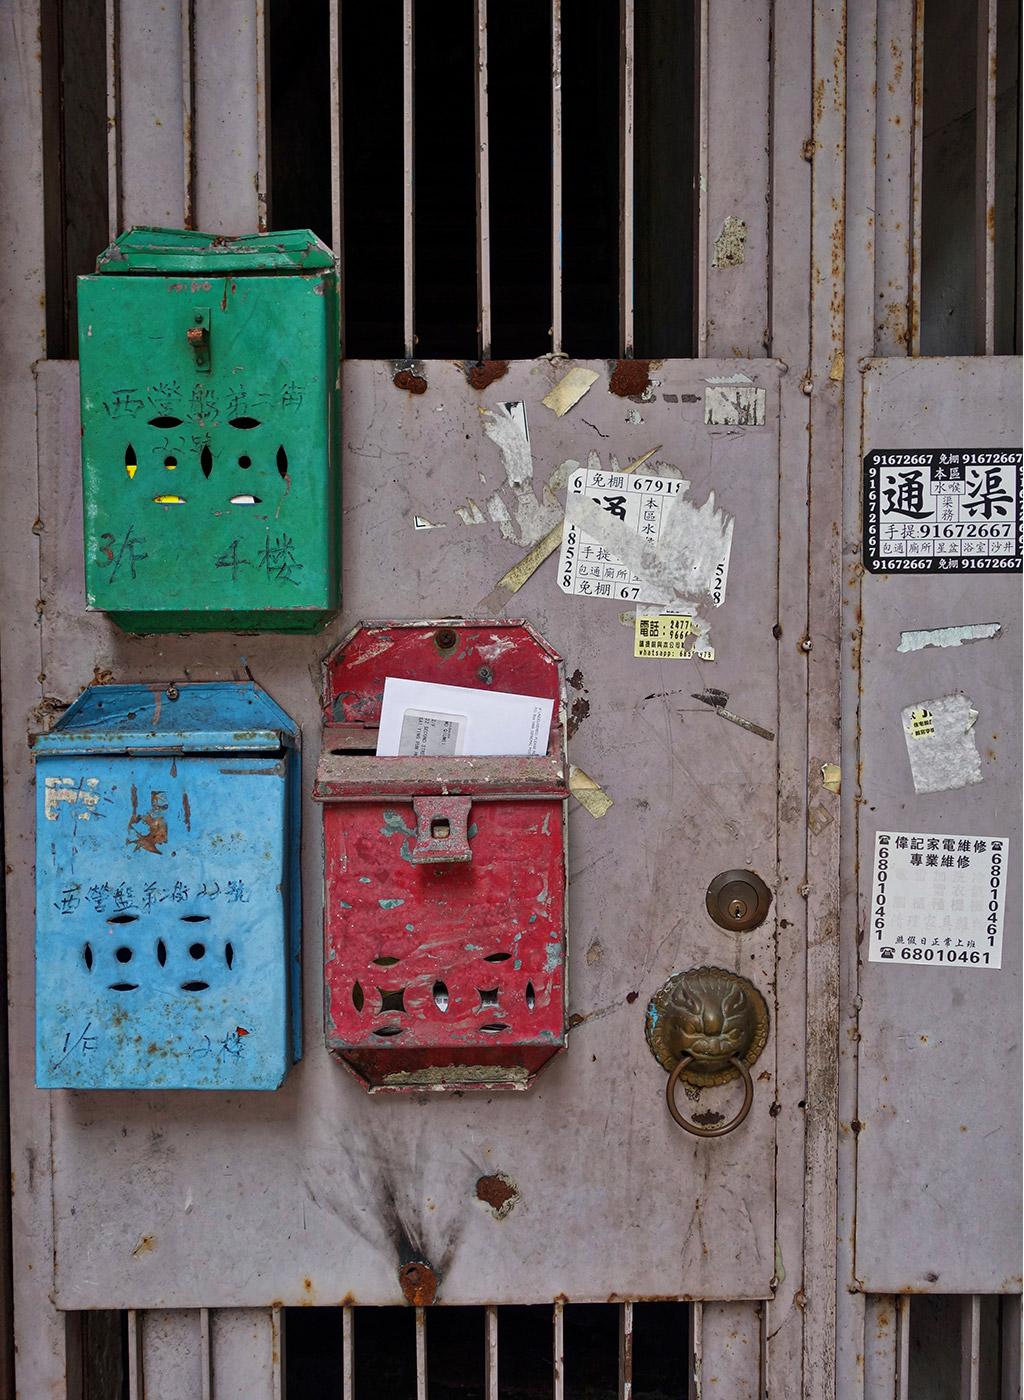 sai-ying-pun-street-art-starting-with-a-blog-31